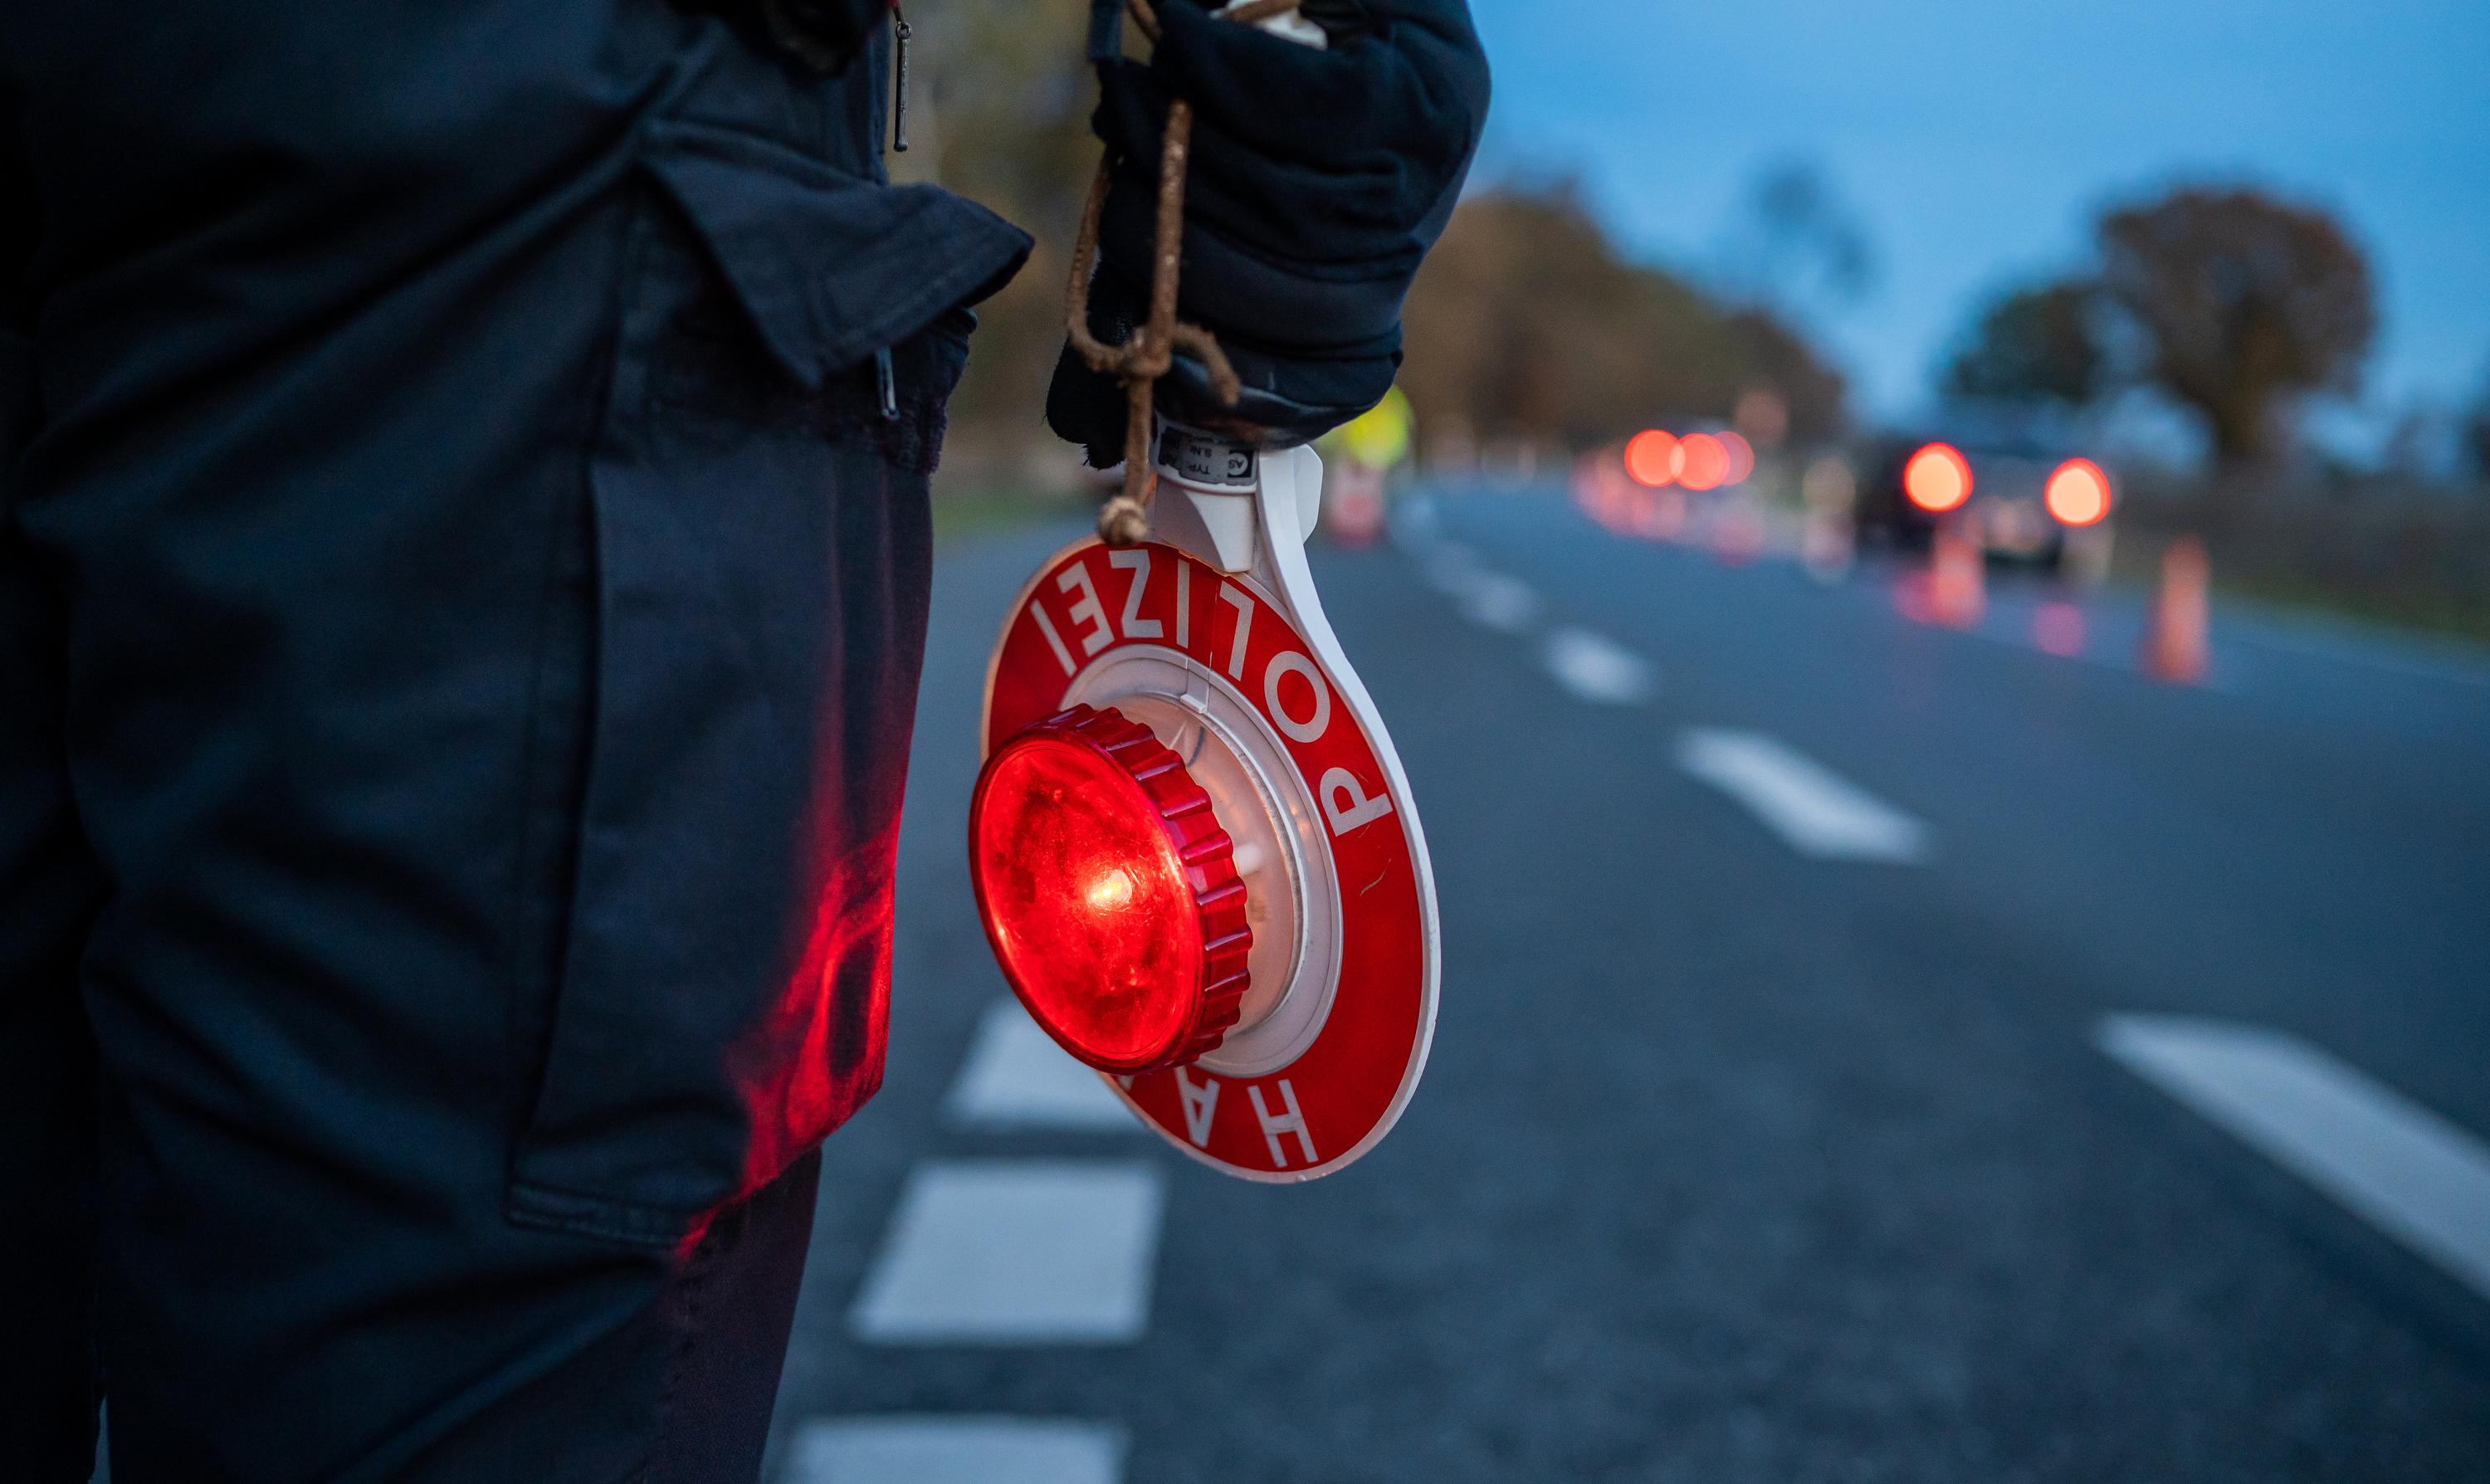 Bei einer Verkehrskontrolle im Saterland wurde ein 45-Jähriger mit 2,05 Promille aus dem Verkehr gezogen. Foto: dpa / Schulze